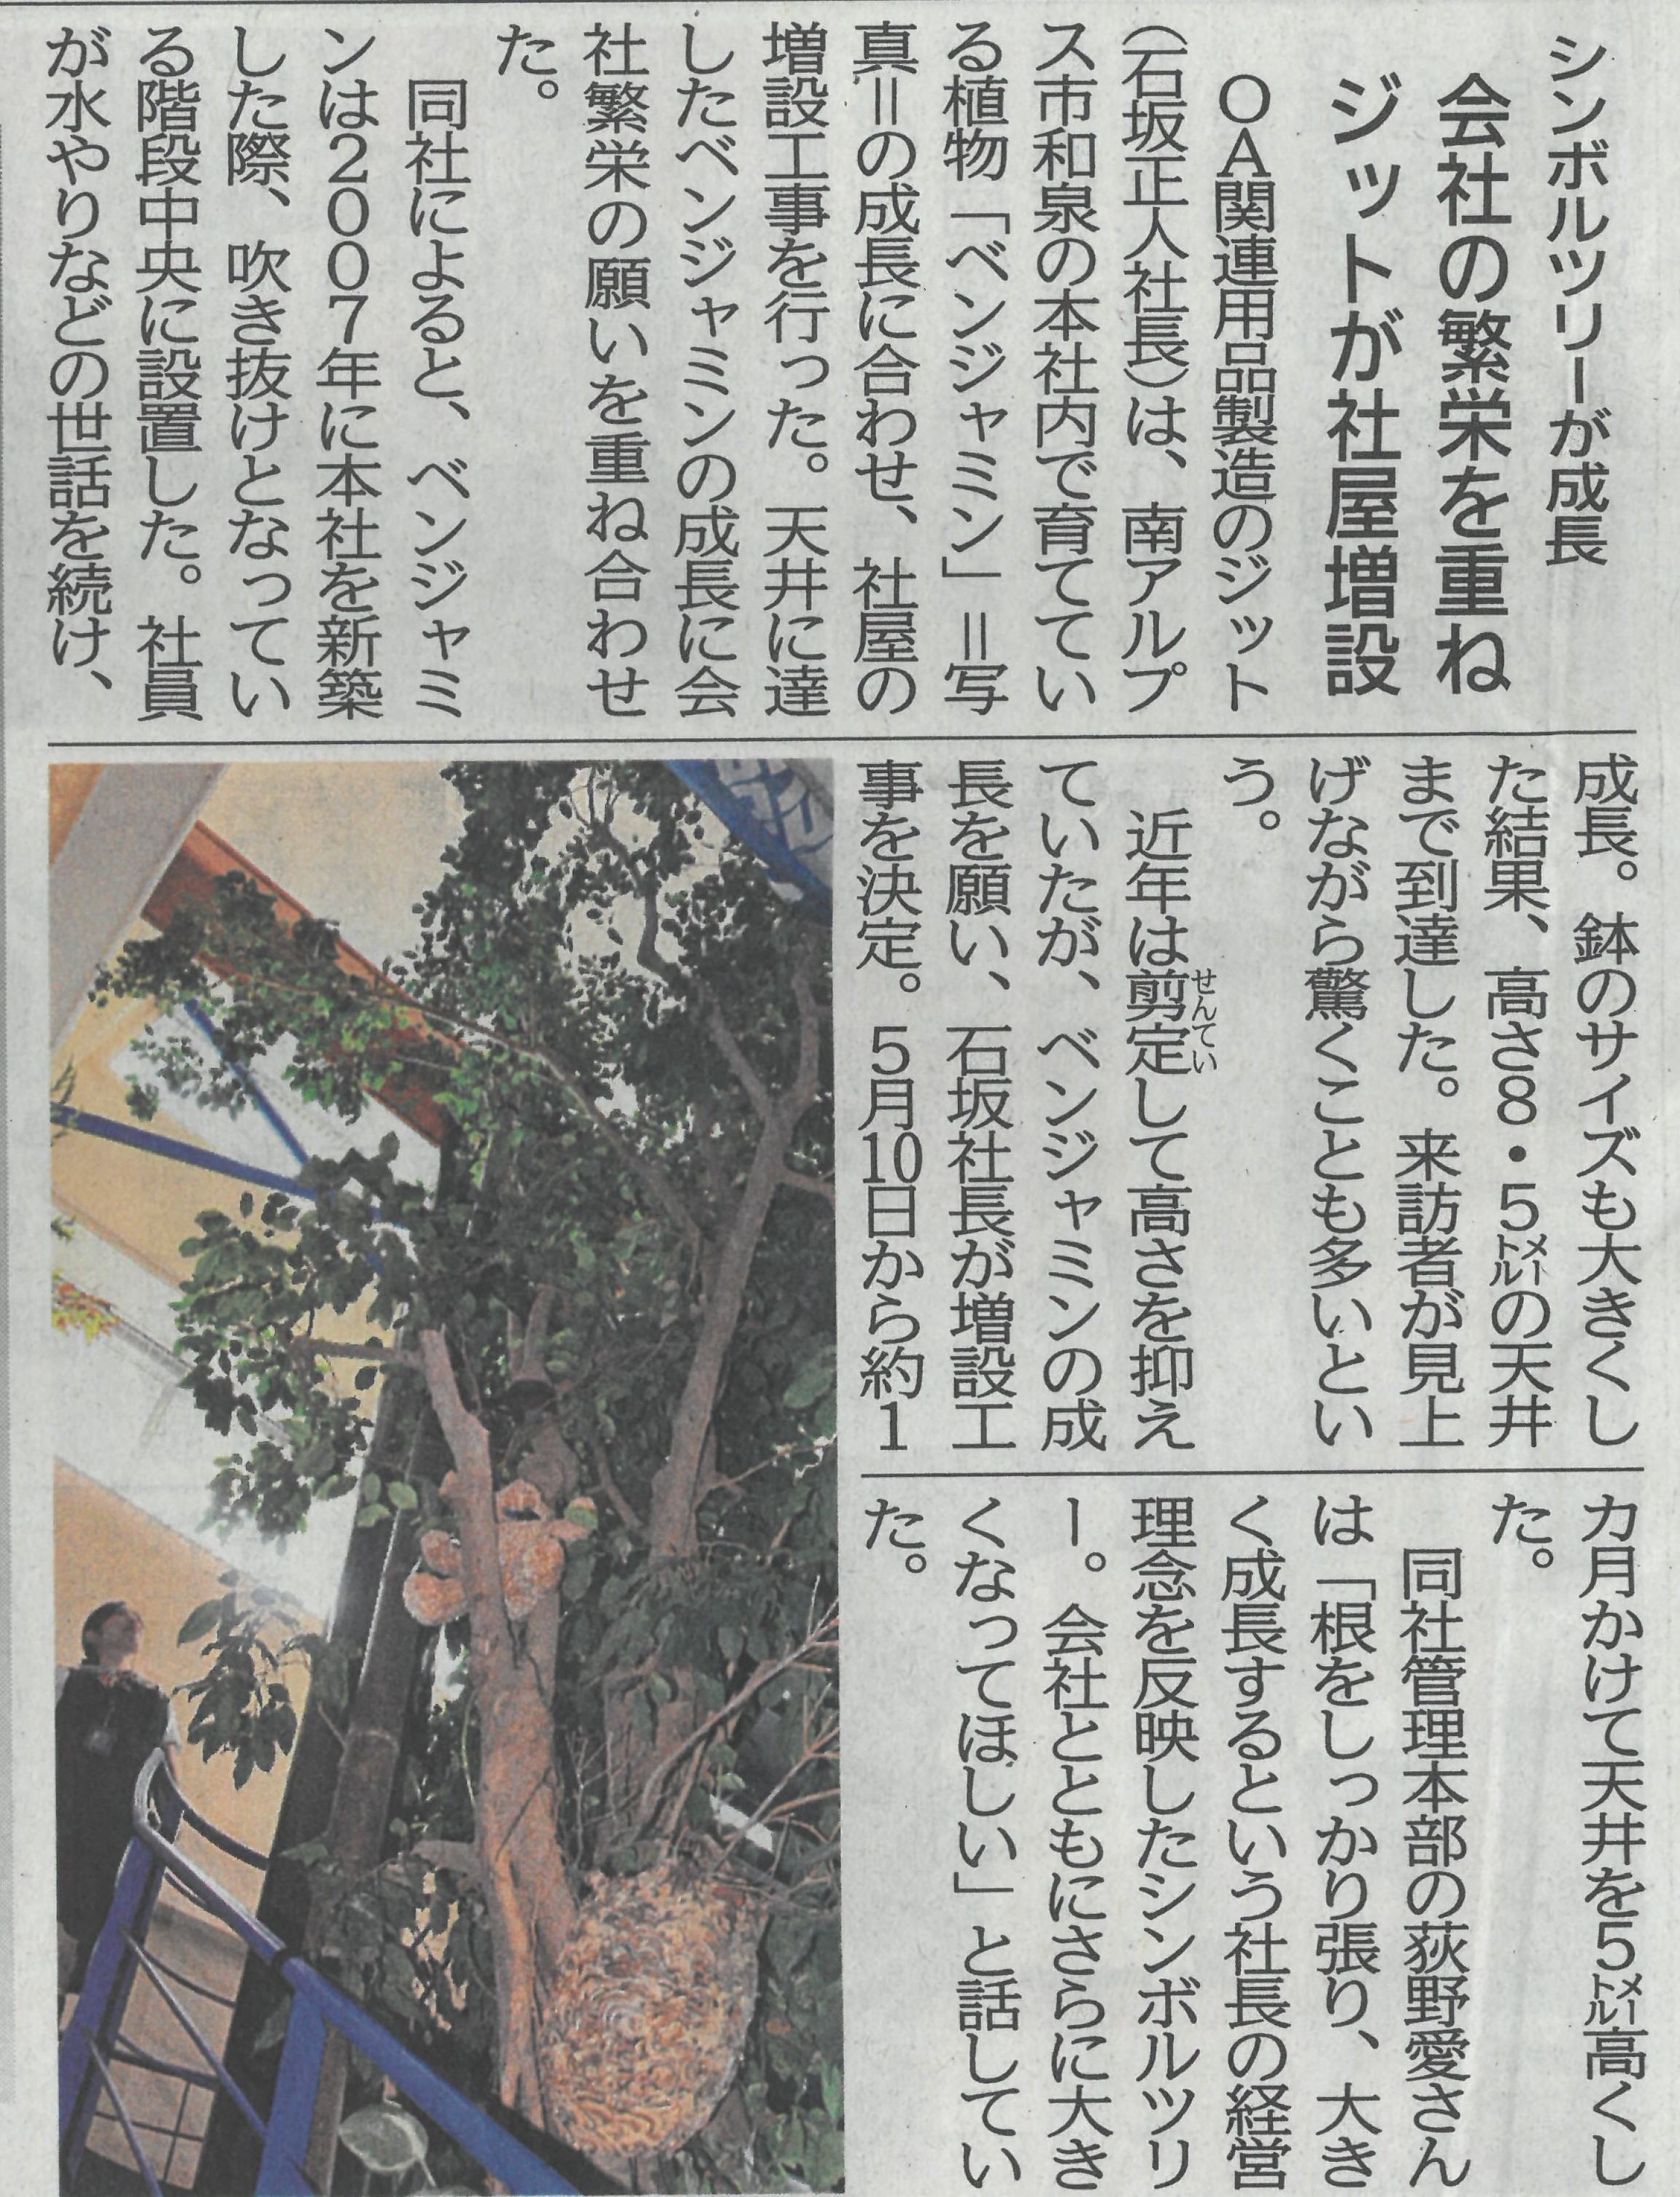 2018年08月23日 山梨日日新聞 掲載